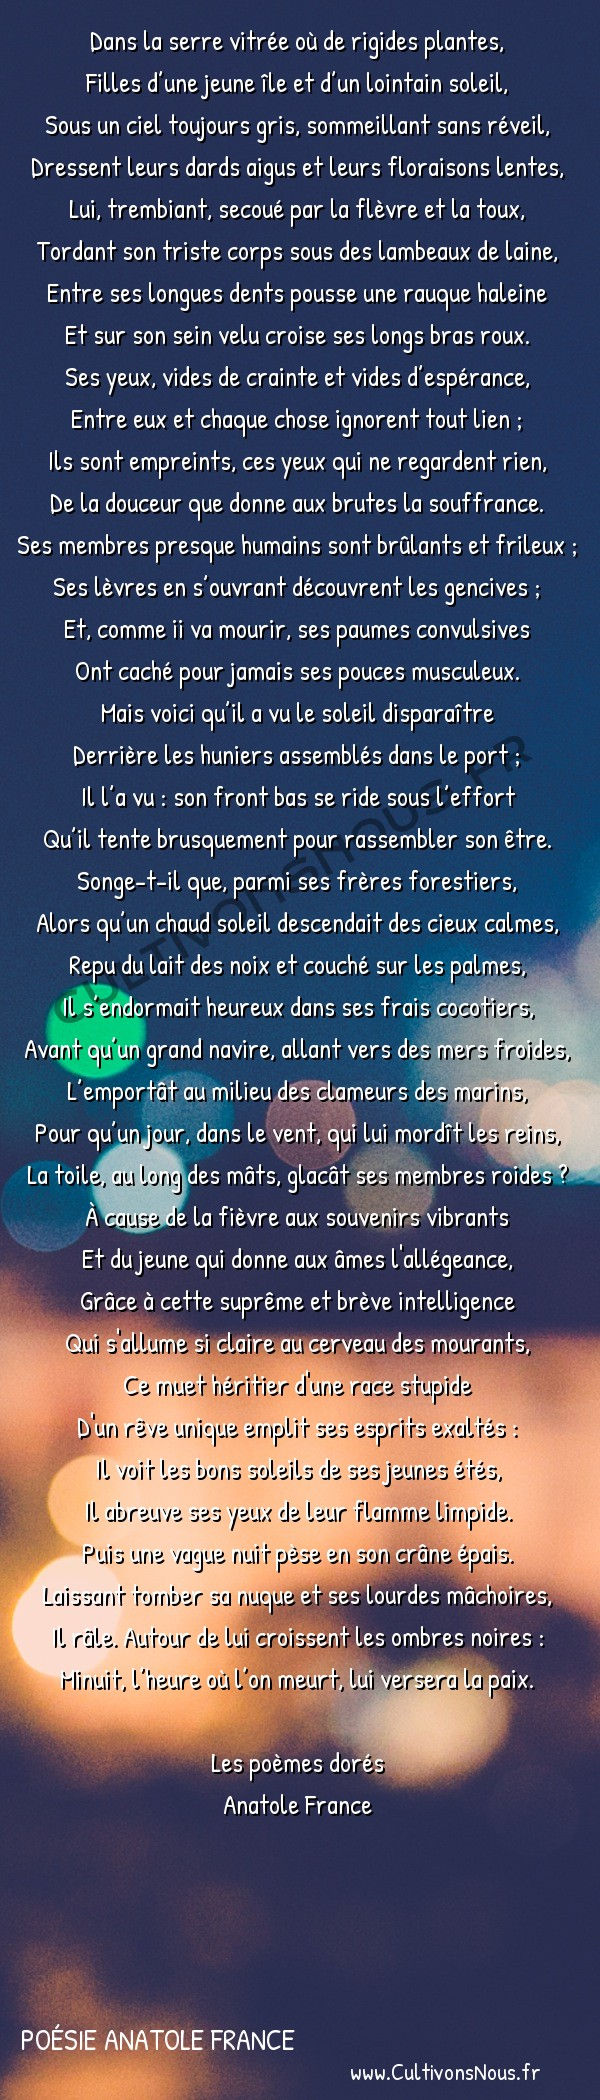 Poésie Anatole France - Les Poèmes dorés - La Mort du singe -  Dans la serre vitrée où de rigides plantes, Filles d'une jeune île et d'un lointain soleil,